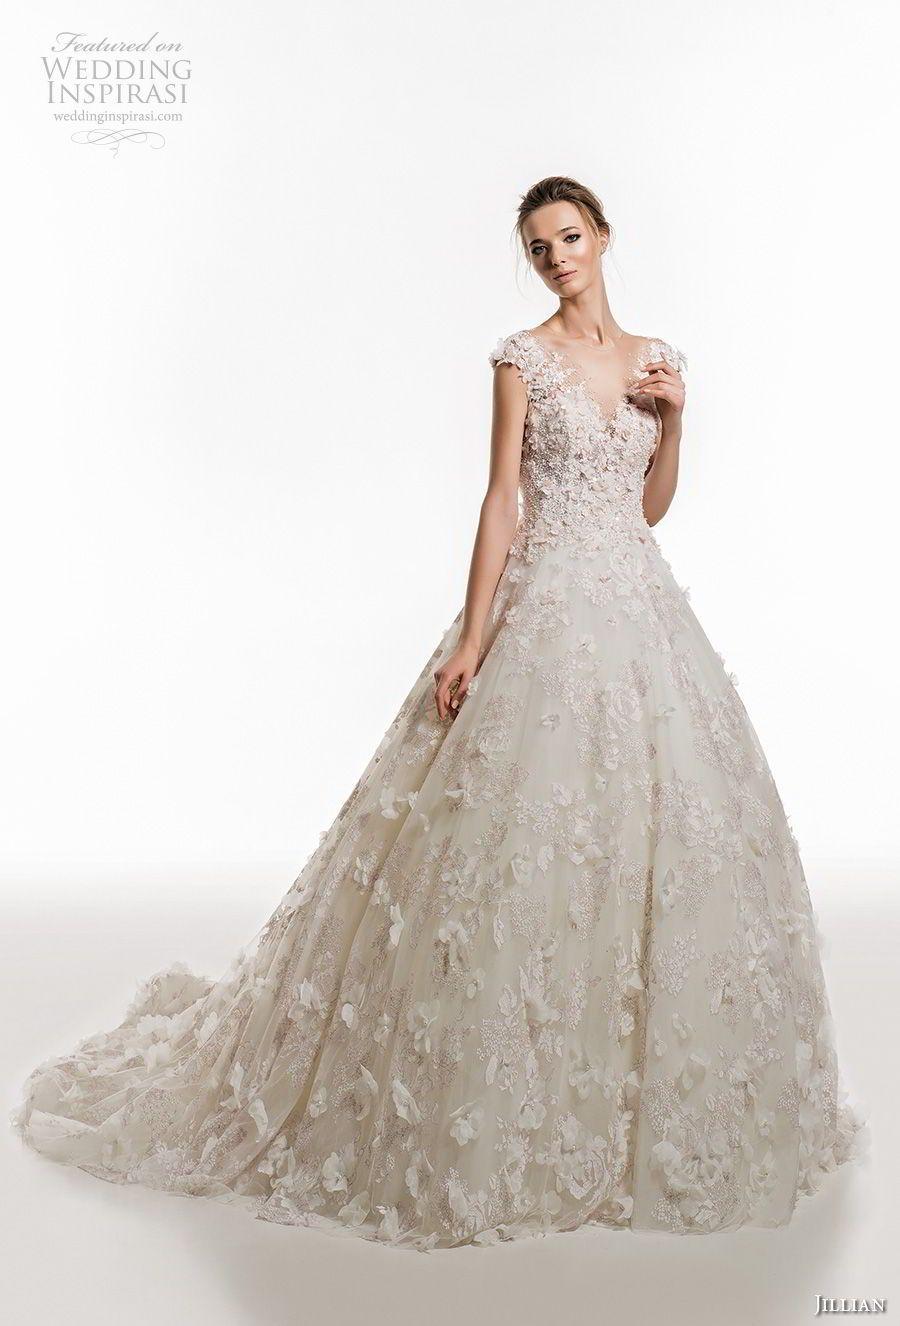 Abiti Da Sposa Jillian.Jillian 2019 Wedding Dresses Abiti Da Sposa Sposa E Vestito Da